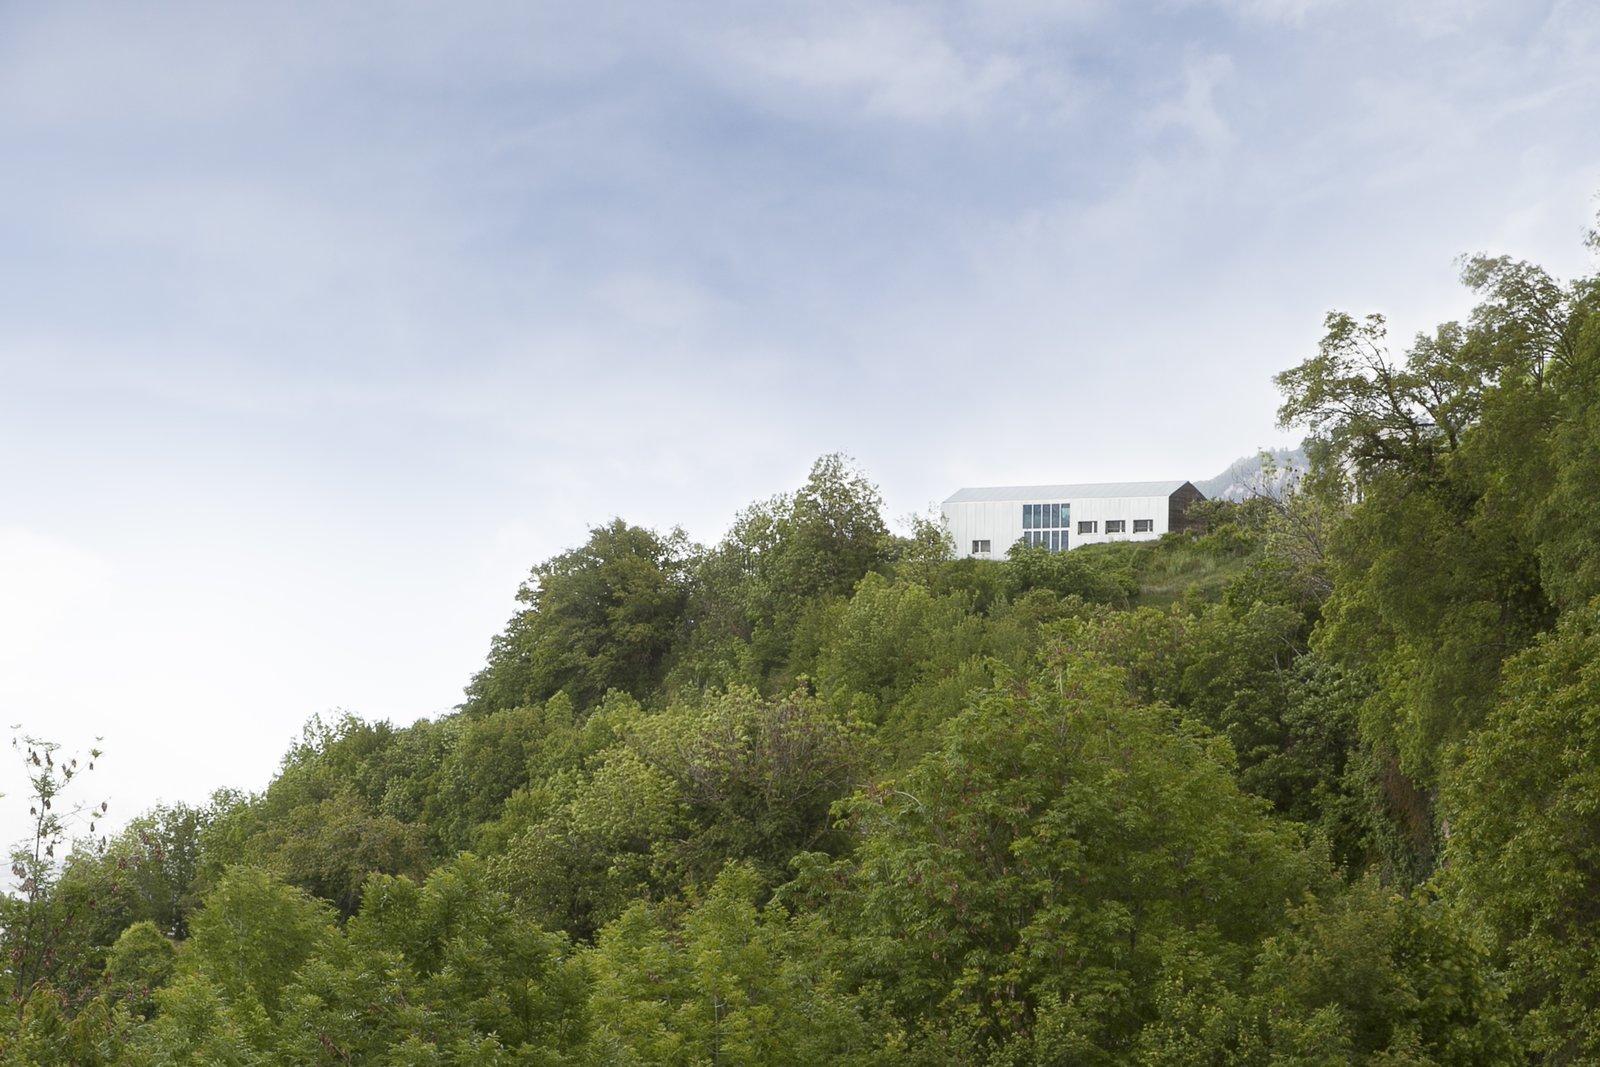 Veysonnaz, Switzerland